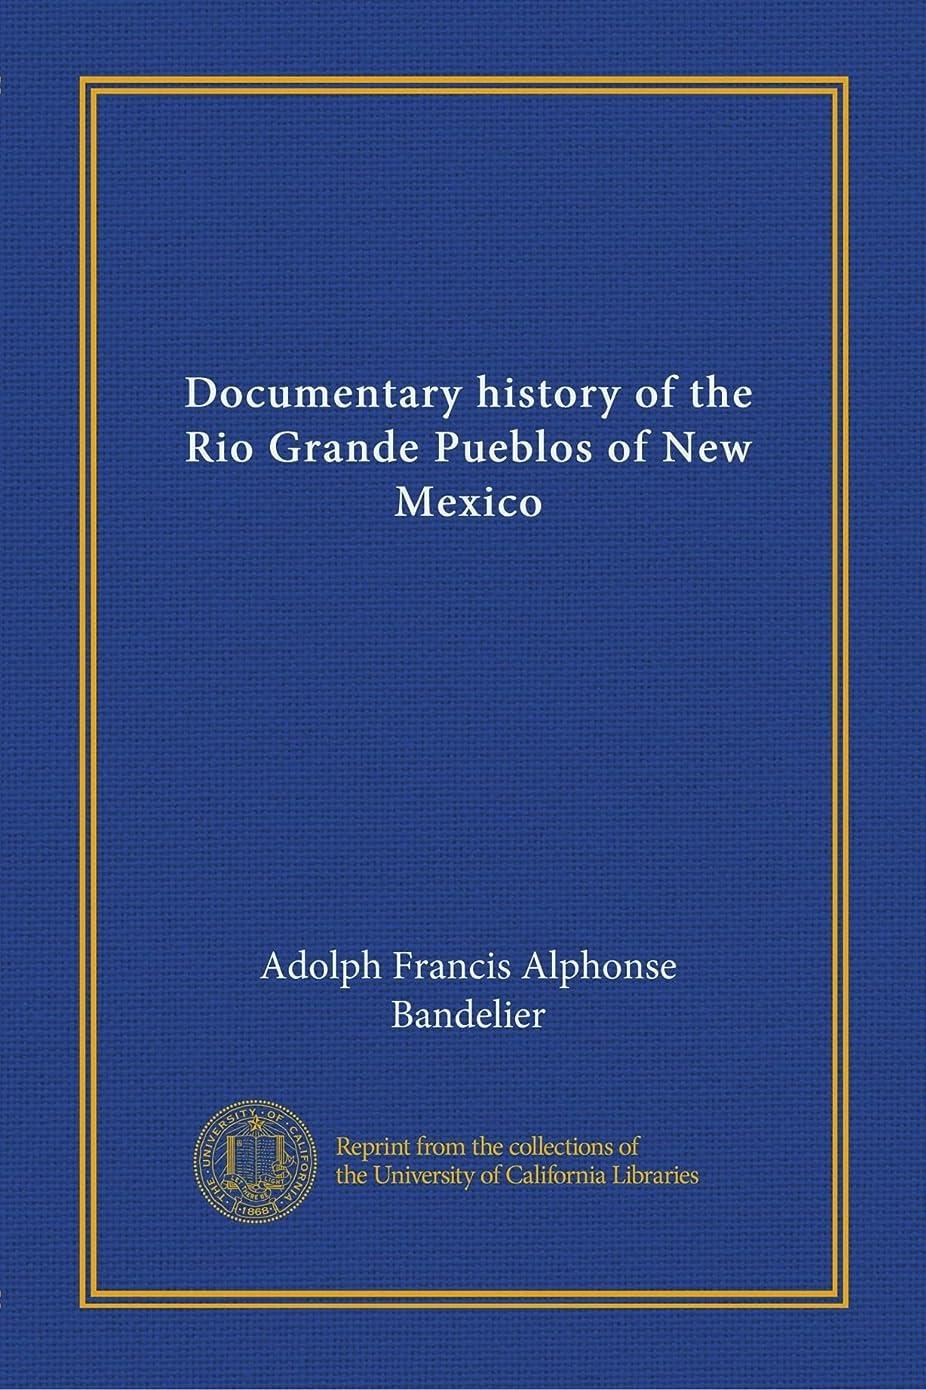 モチーフ半円補正Documentary history of the Rio Grande Pueblos of New Mexico (v.1)